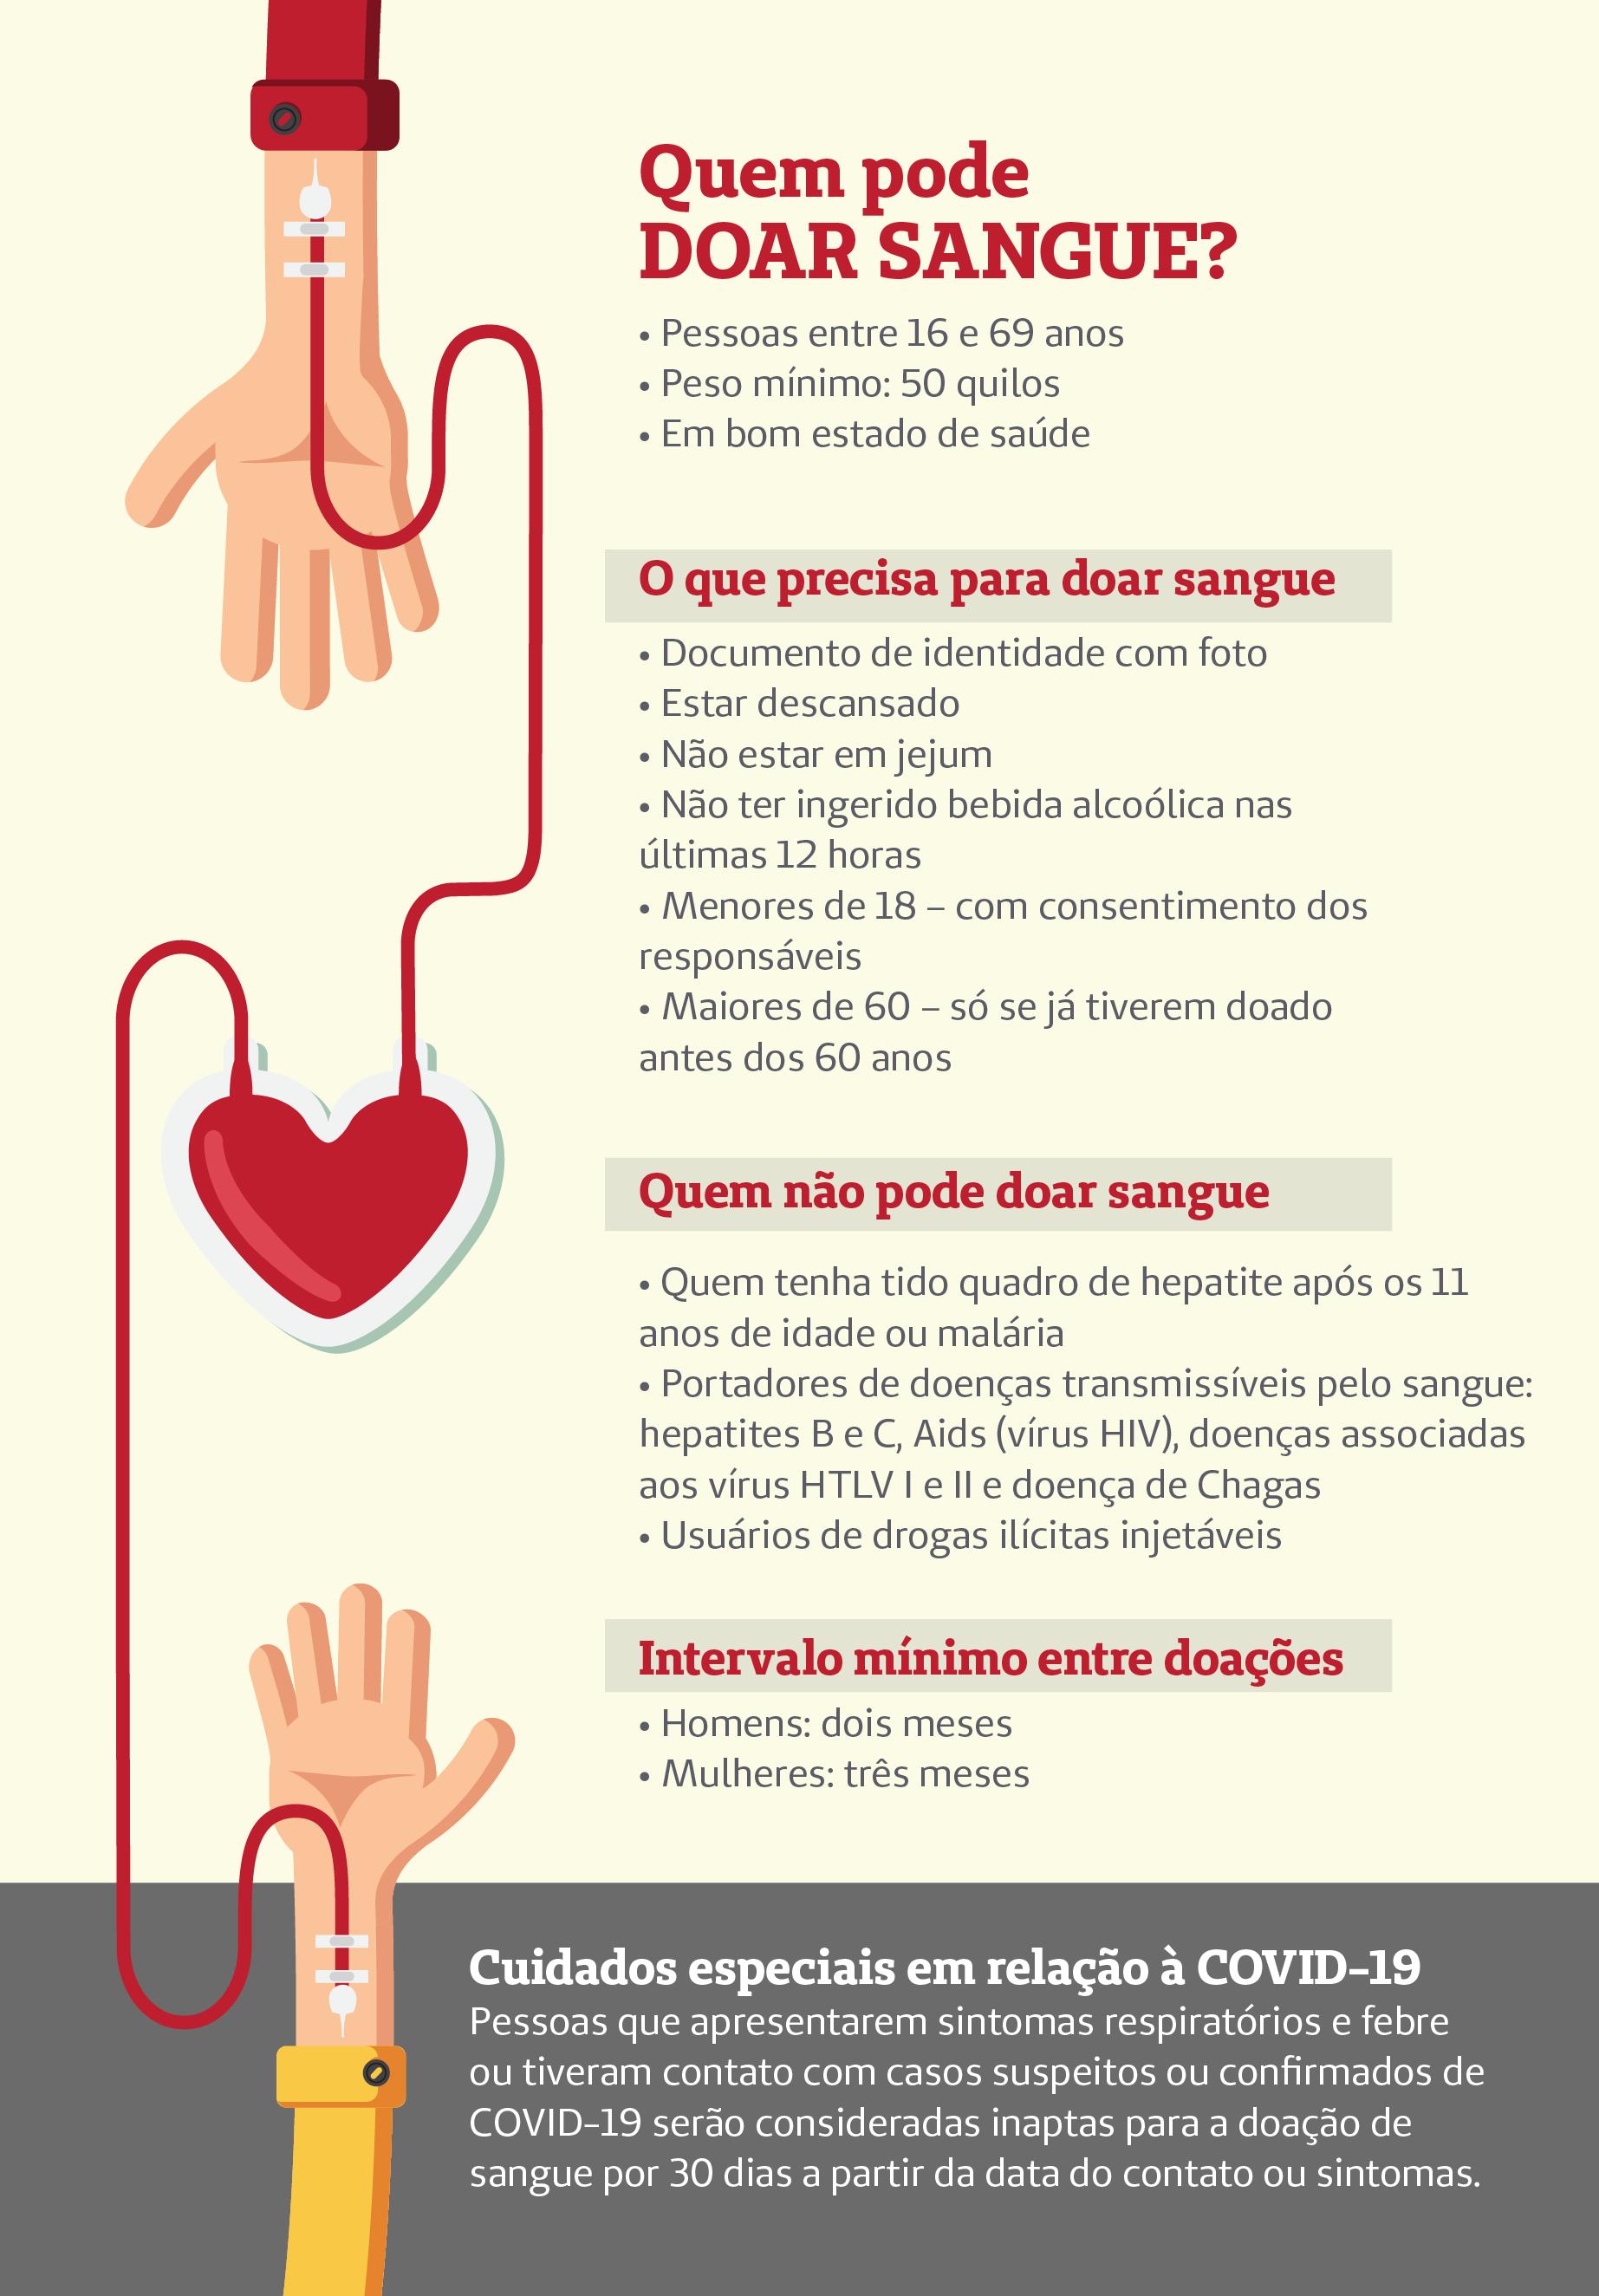 infográfico sobre doação de sangue